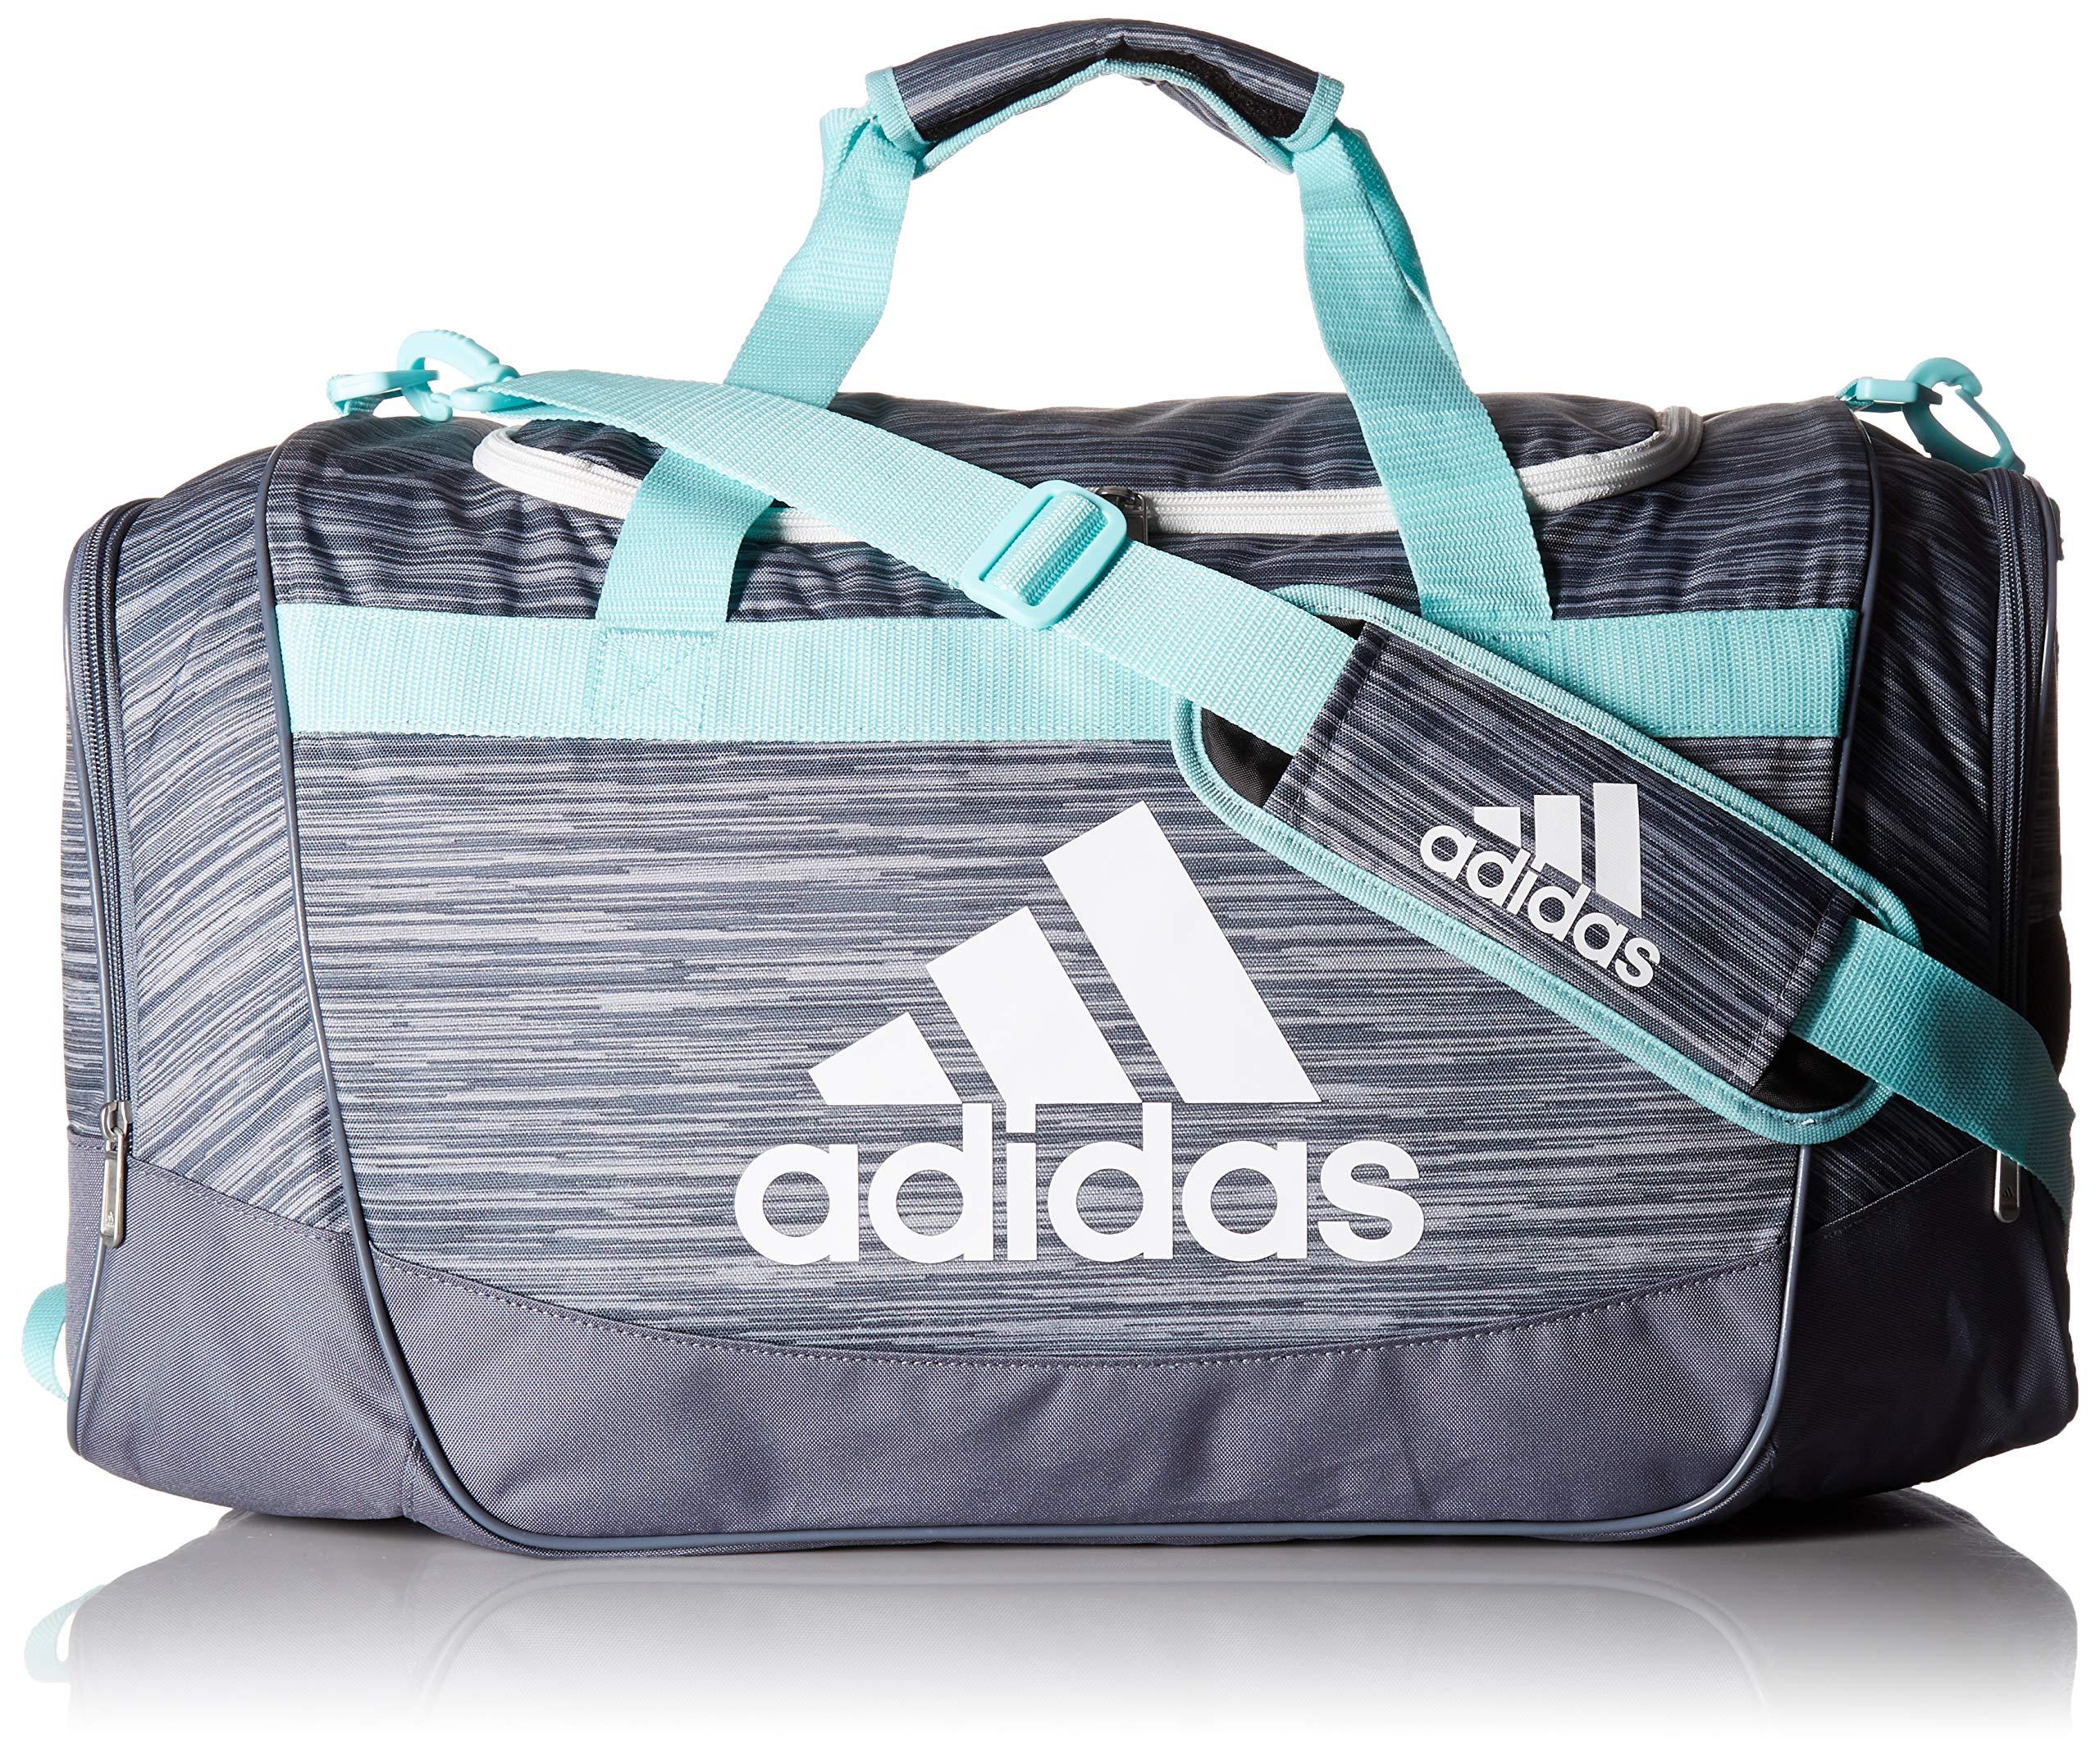 adidas Defender II Duffel Bag  a11fbb0b96c7c